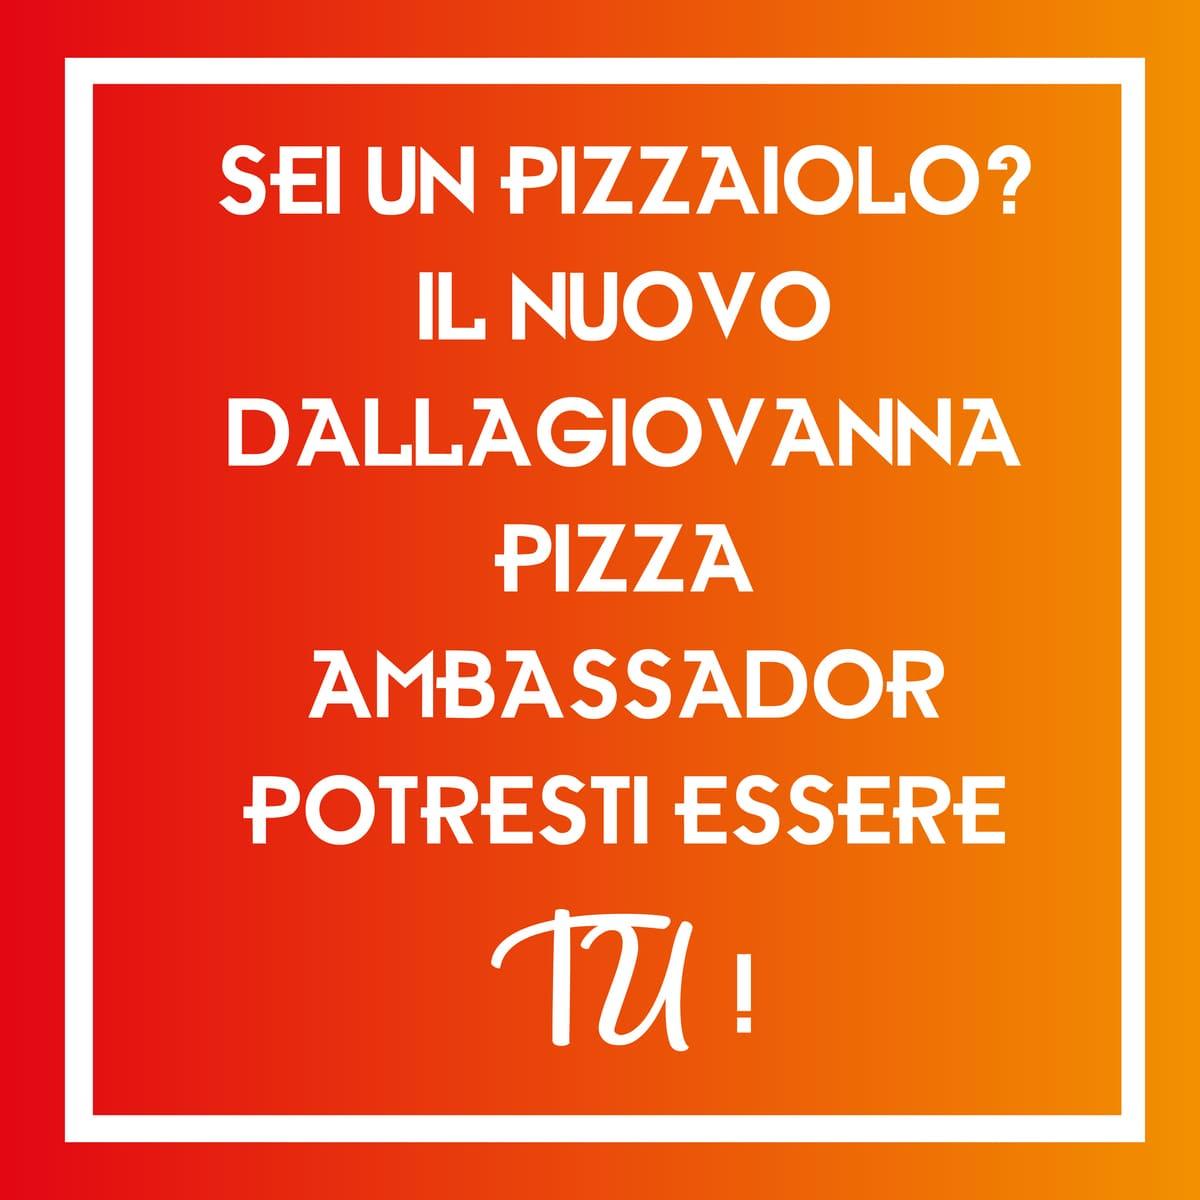 sei un pizzaiolo?